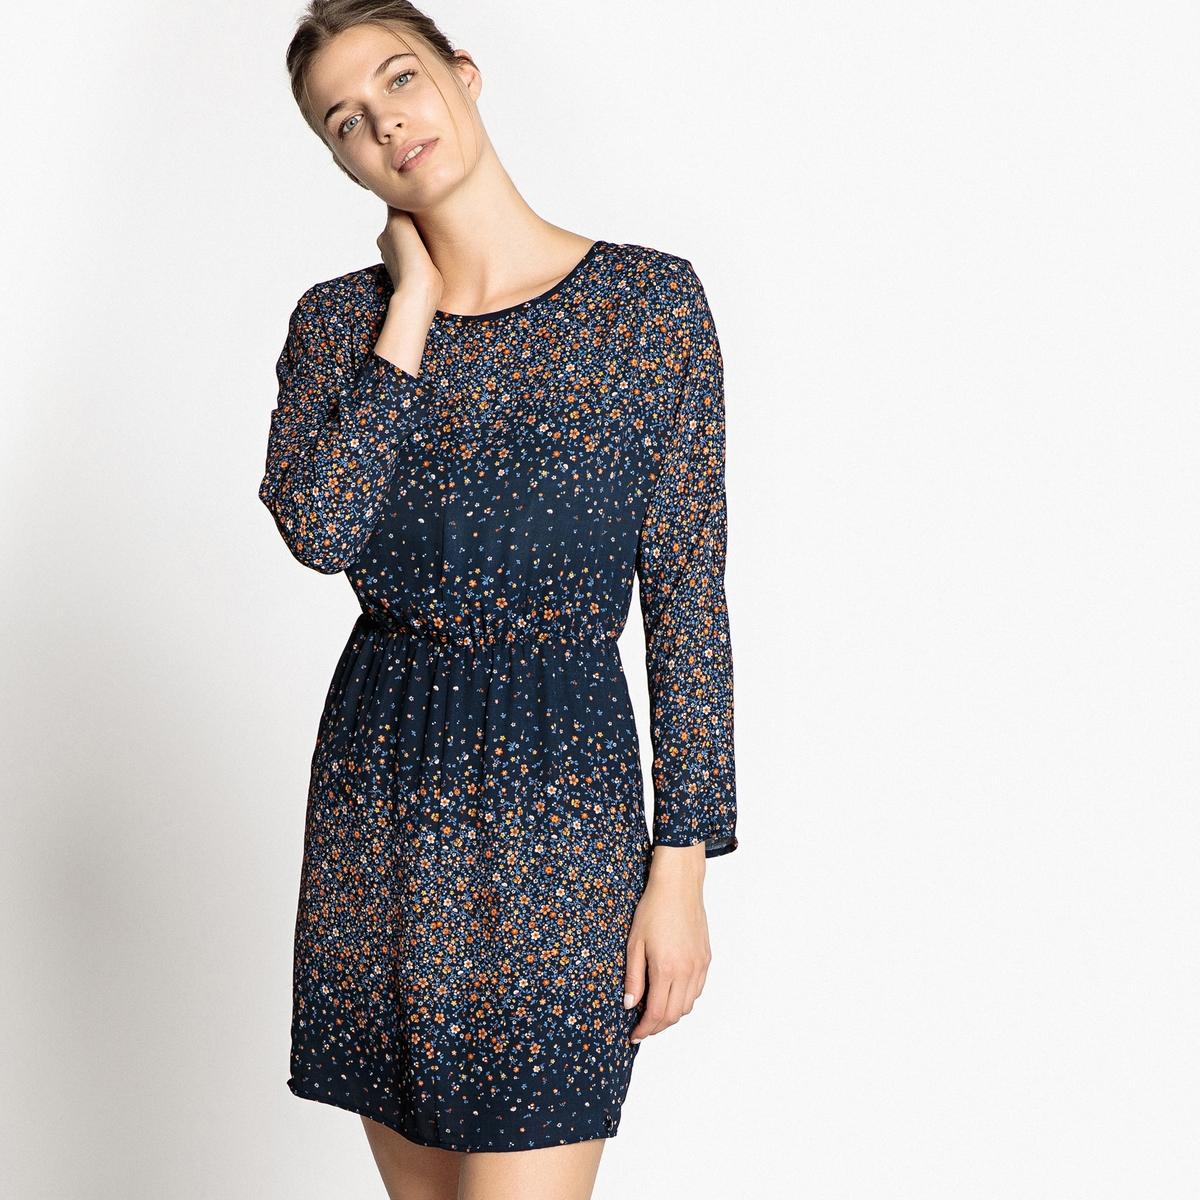 Платье короткое прямого покроя с рисунком и длинными рукавами платье прямого покроя с короткими рукавами и рисунком